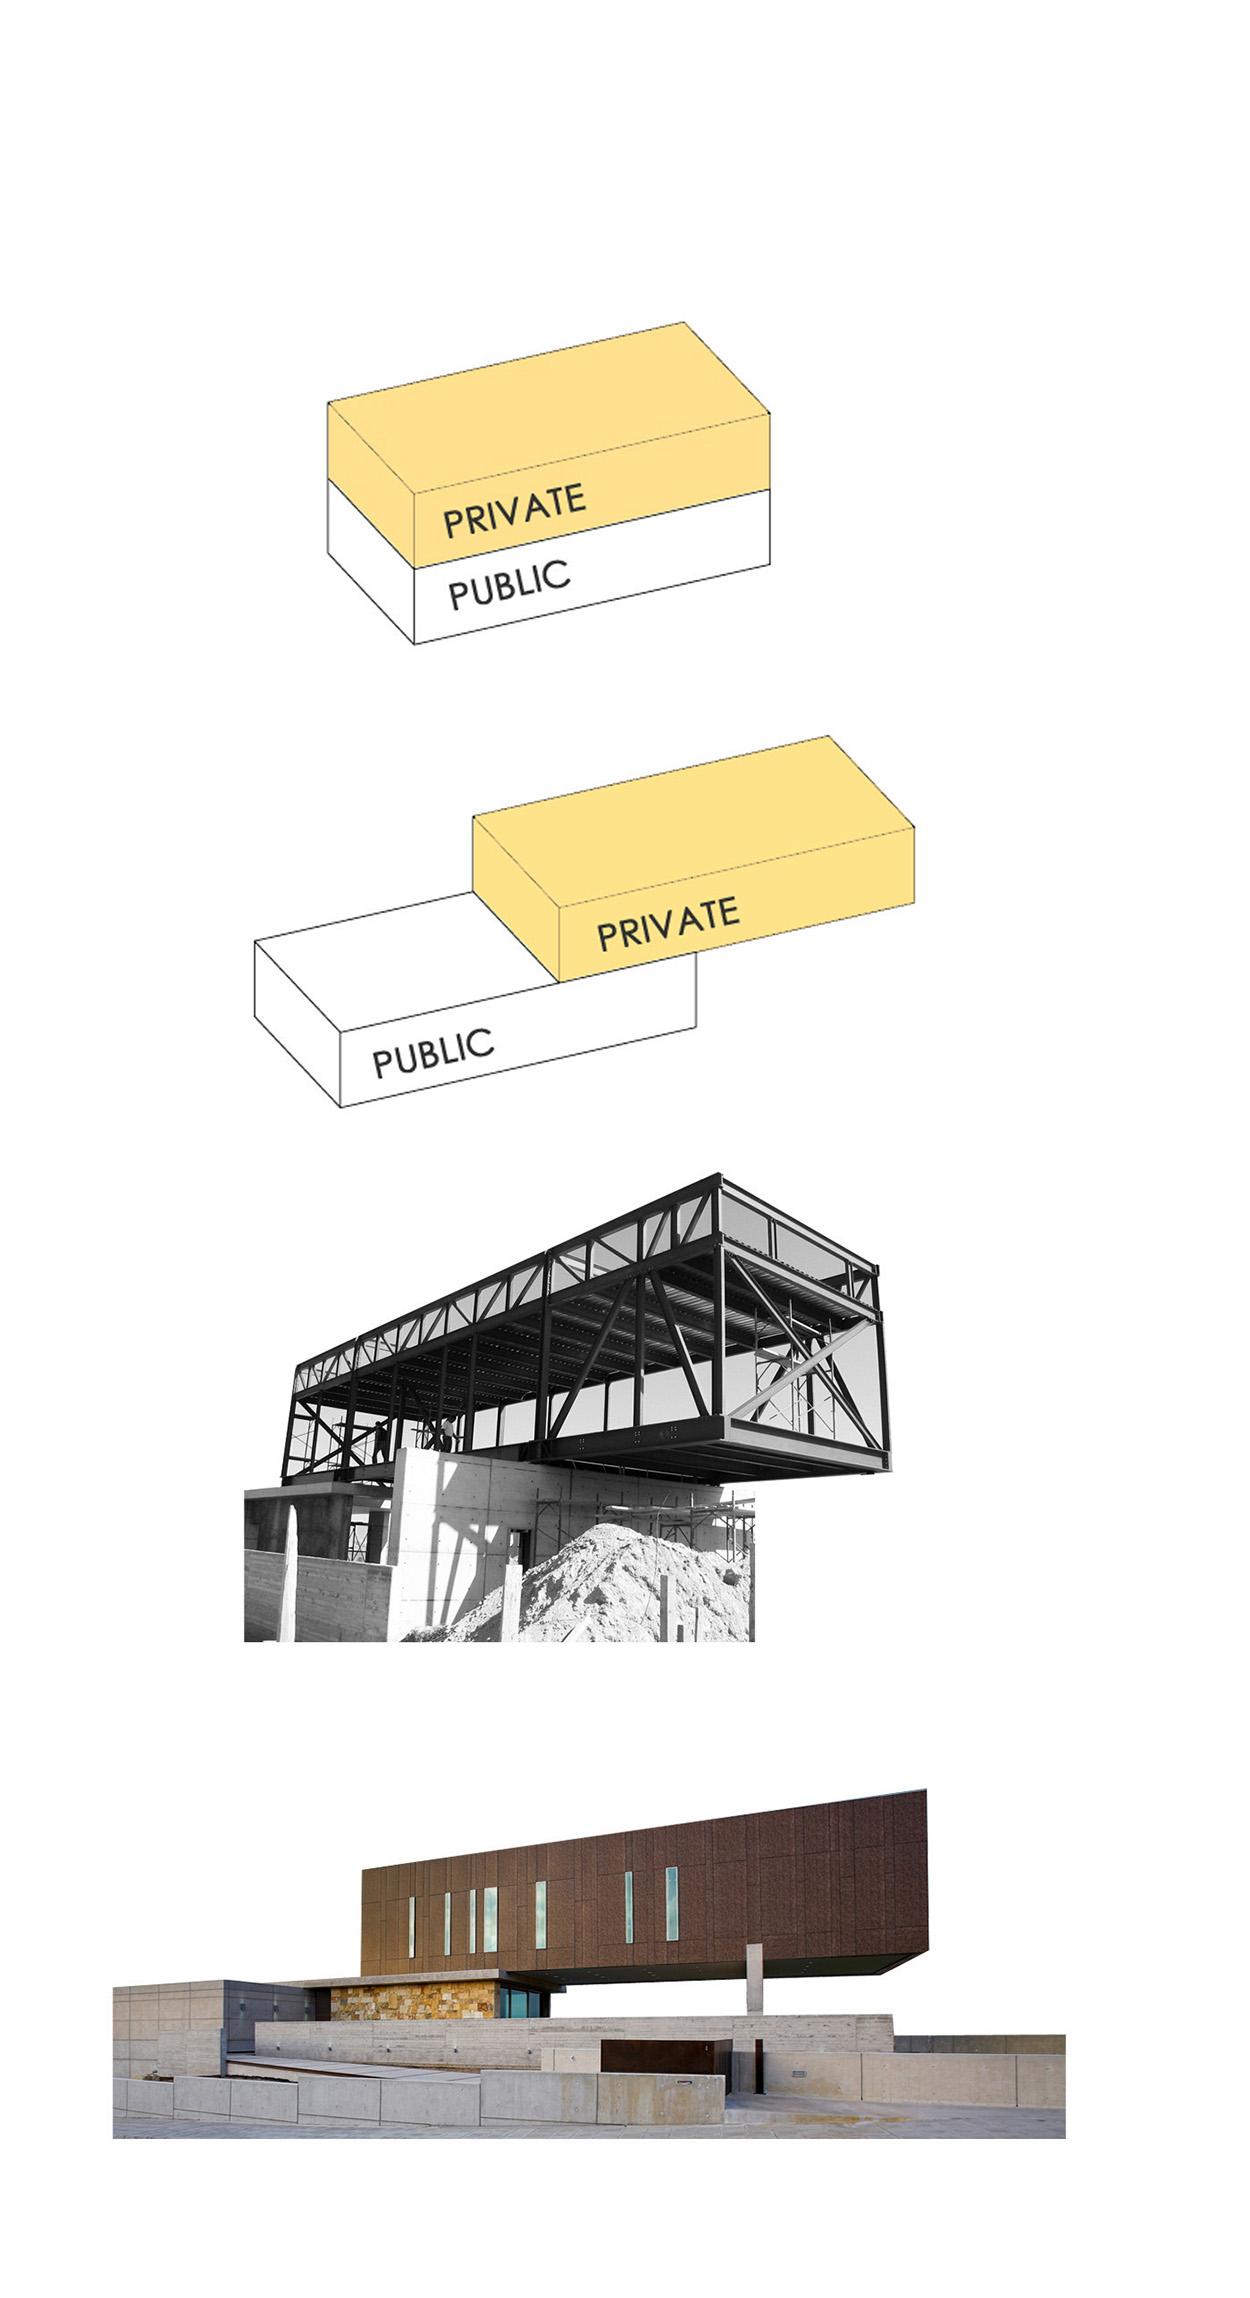 Διάγραμμα Κεντρικής Ιδέας, © Αρμεύτης & Συνεργάτες